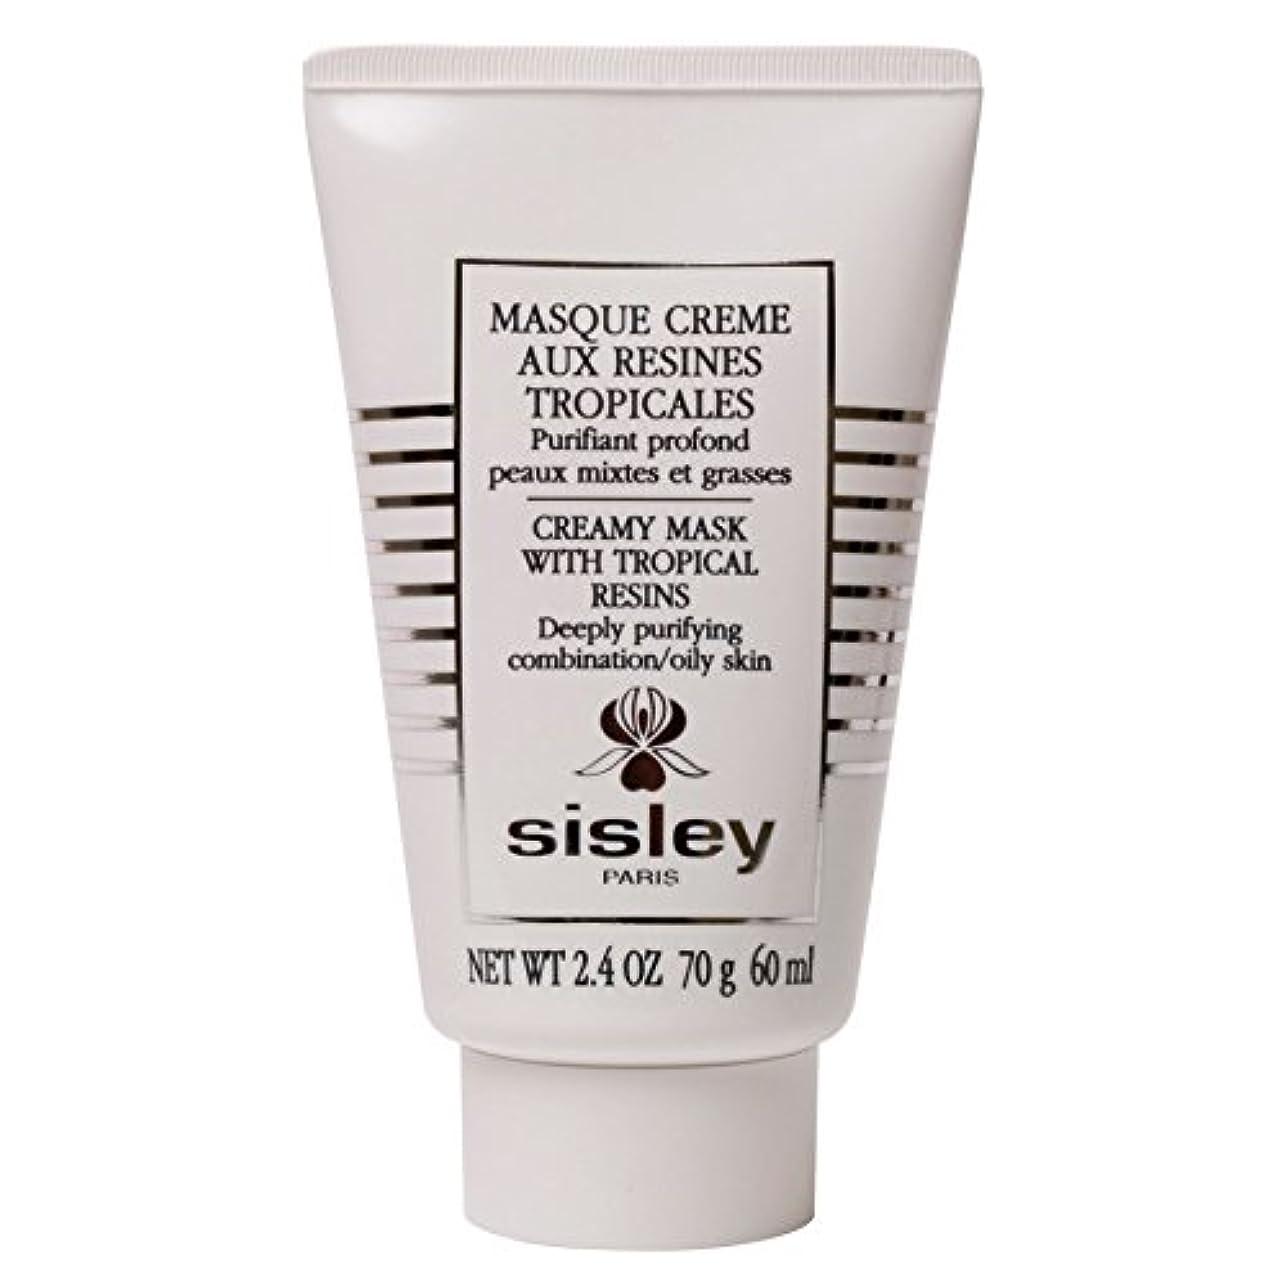 空のランダム選択する[Sisley] 熱帯樹脂の60ミリリットルとシスレークリーミーマスク - Sisley Creamy Mask With Tropical Resins 60ml [並行輸入品]